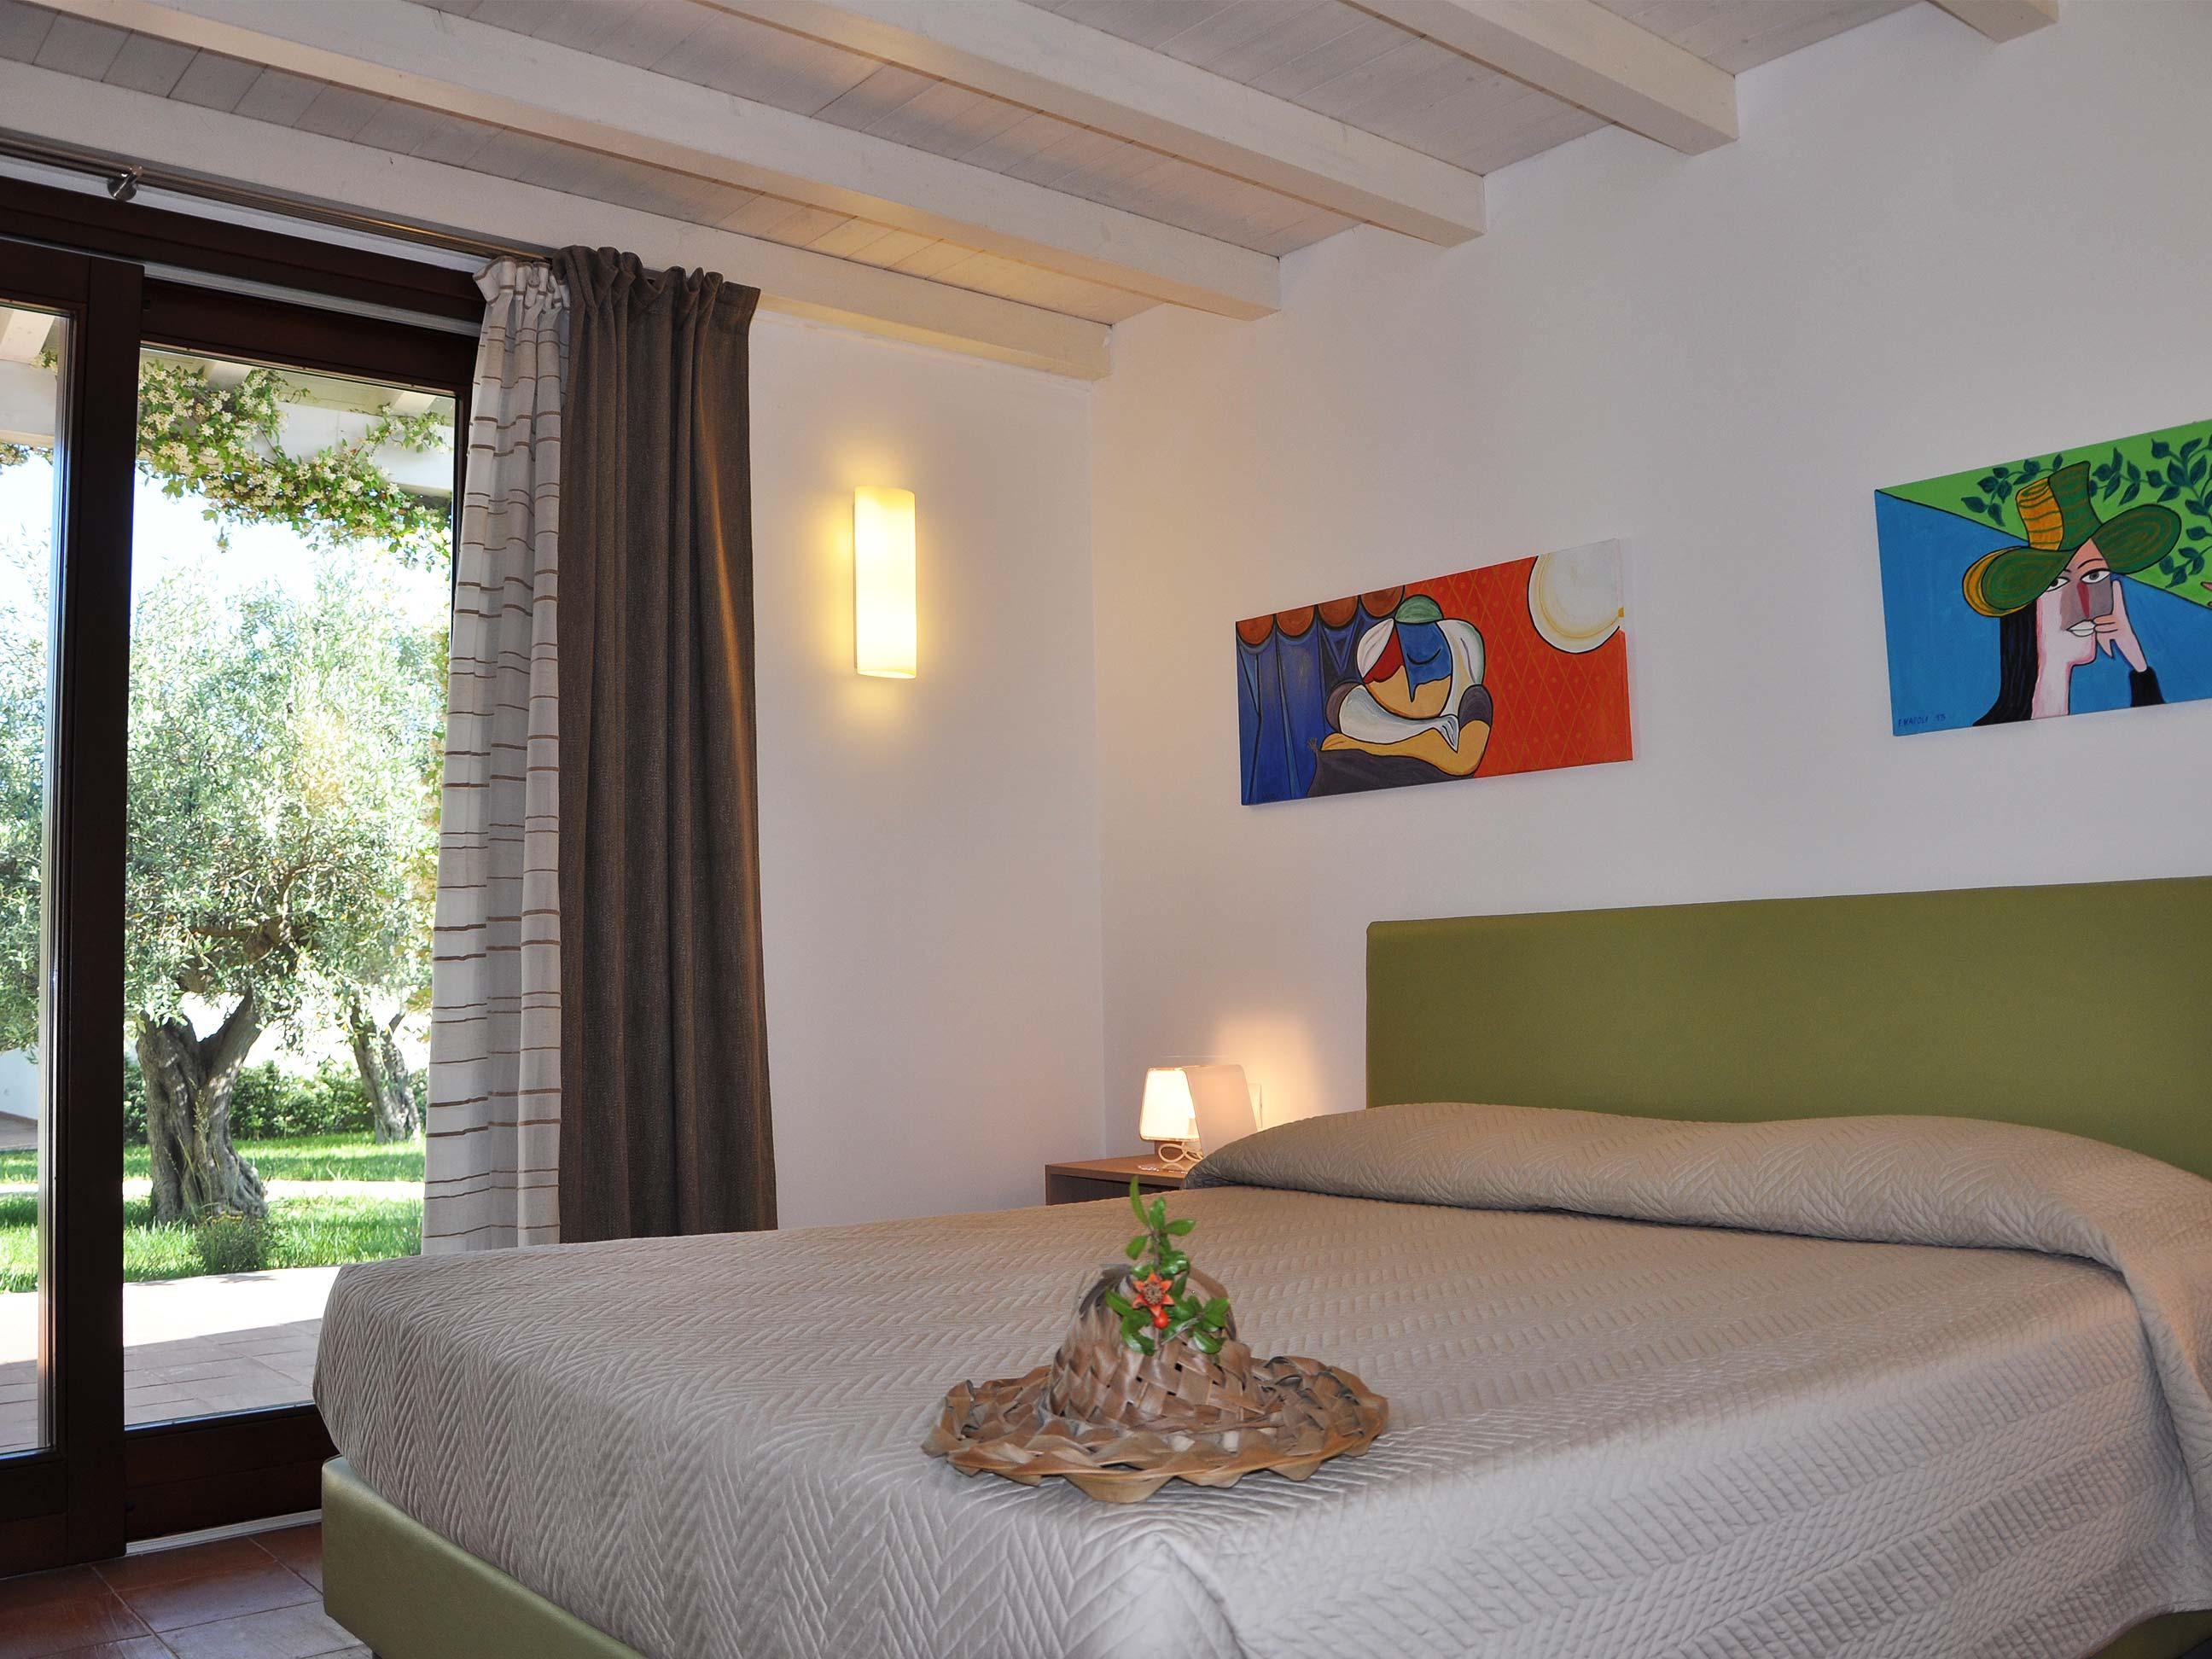 Khirat-Menfi-bedroom-15